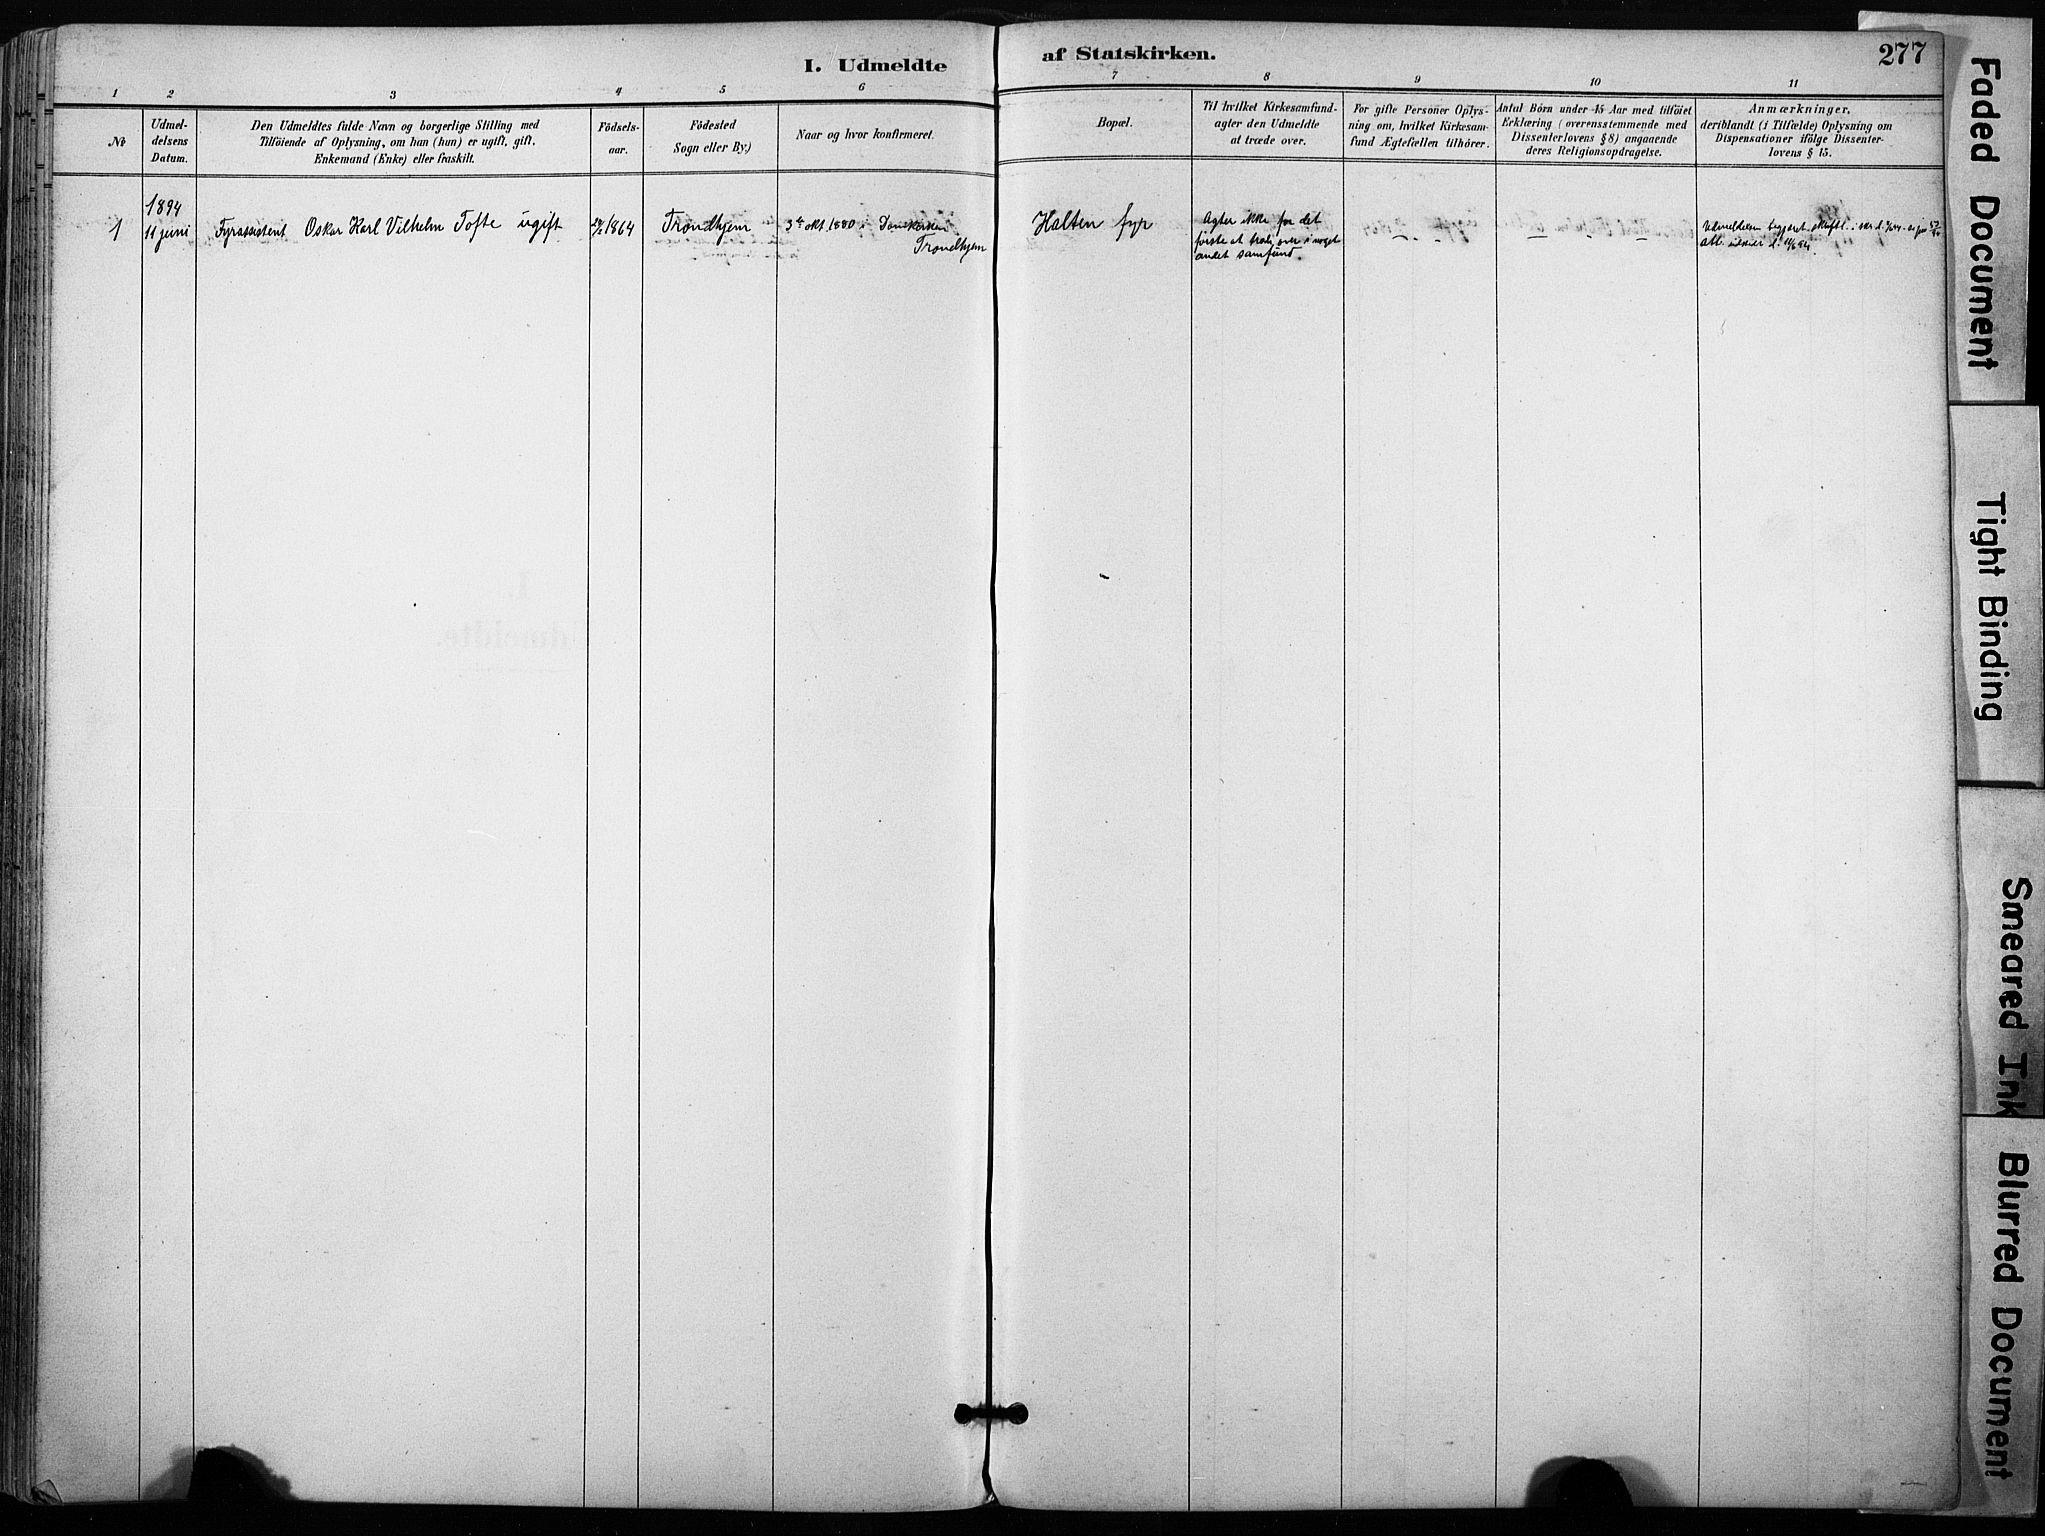 SAT, Ministerialprotokoller, klokkerbøker og fødselsregistre - Sør-Trøndelag, 640/L0579: Ministerialbok nr. 640A04, 1889-1902, s. 277